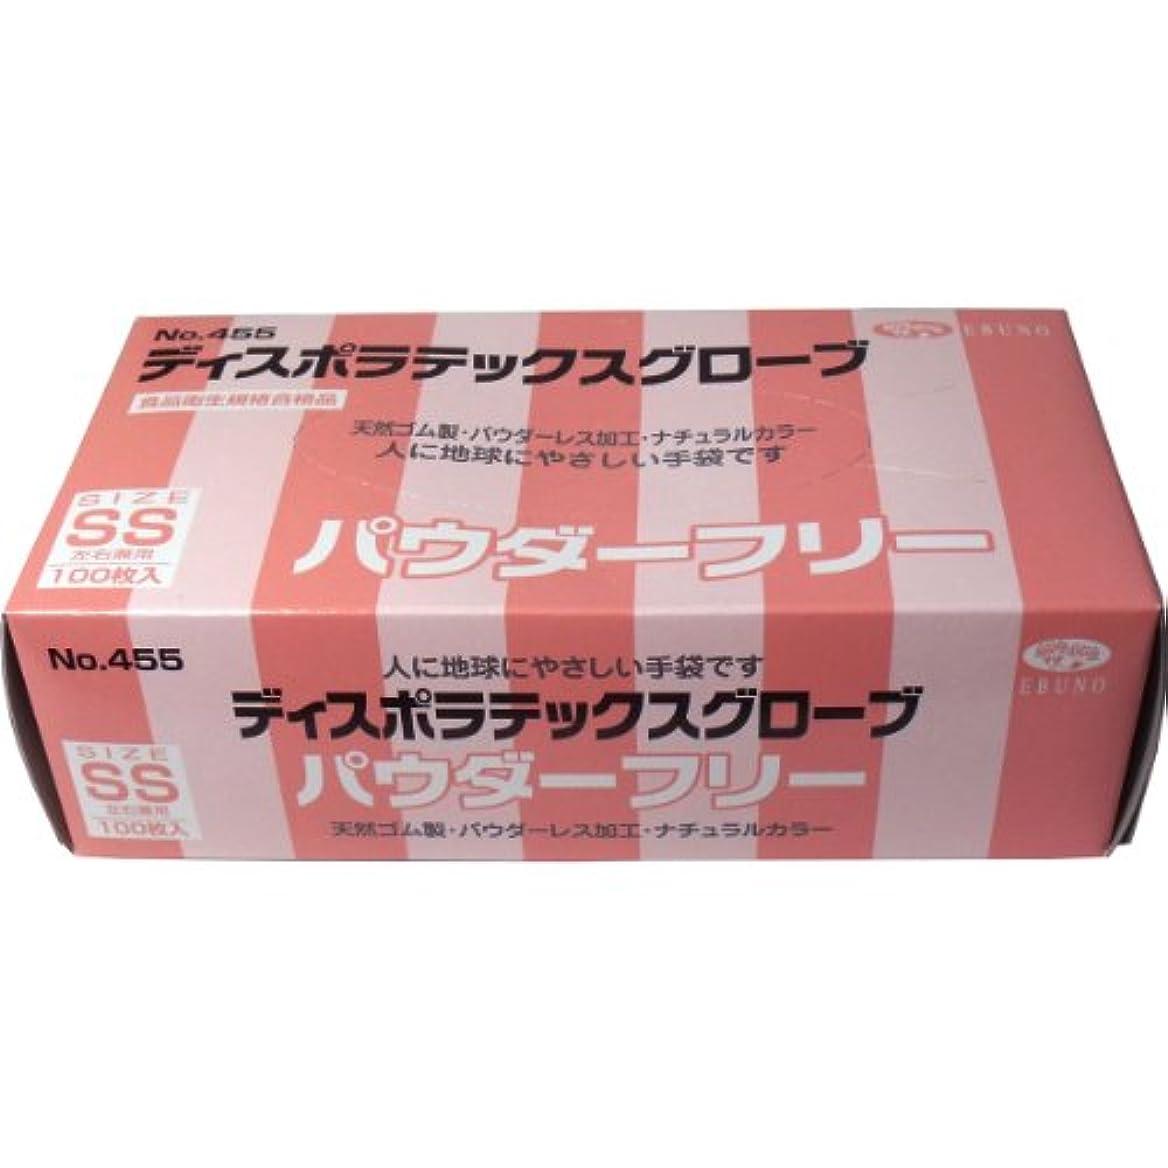 リーンファイル呼び起こすディスポ ラテックスグローブ(天然ゴム手袋) パウダーフリー SSサイズ 100枚入×2個セット